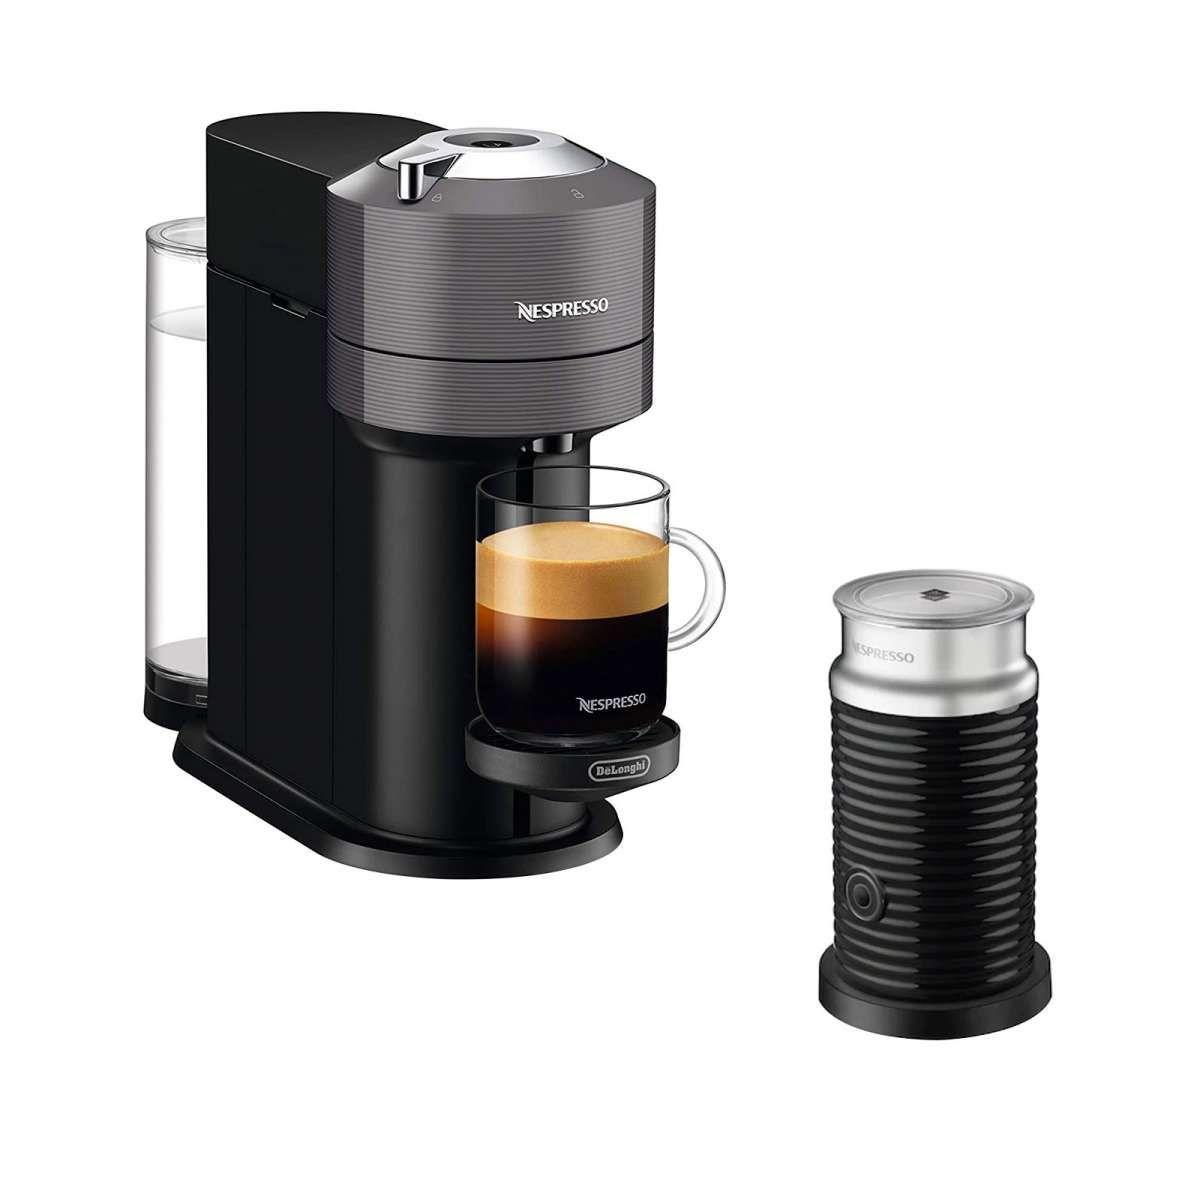 Kapselmaschine DeLonghi Nespresso Vertuo Next grau inkl. Aeroccino Milchschäumer